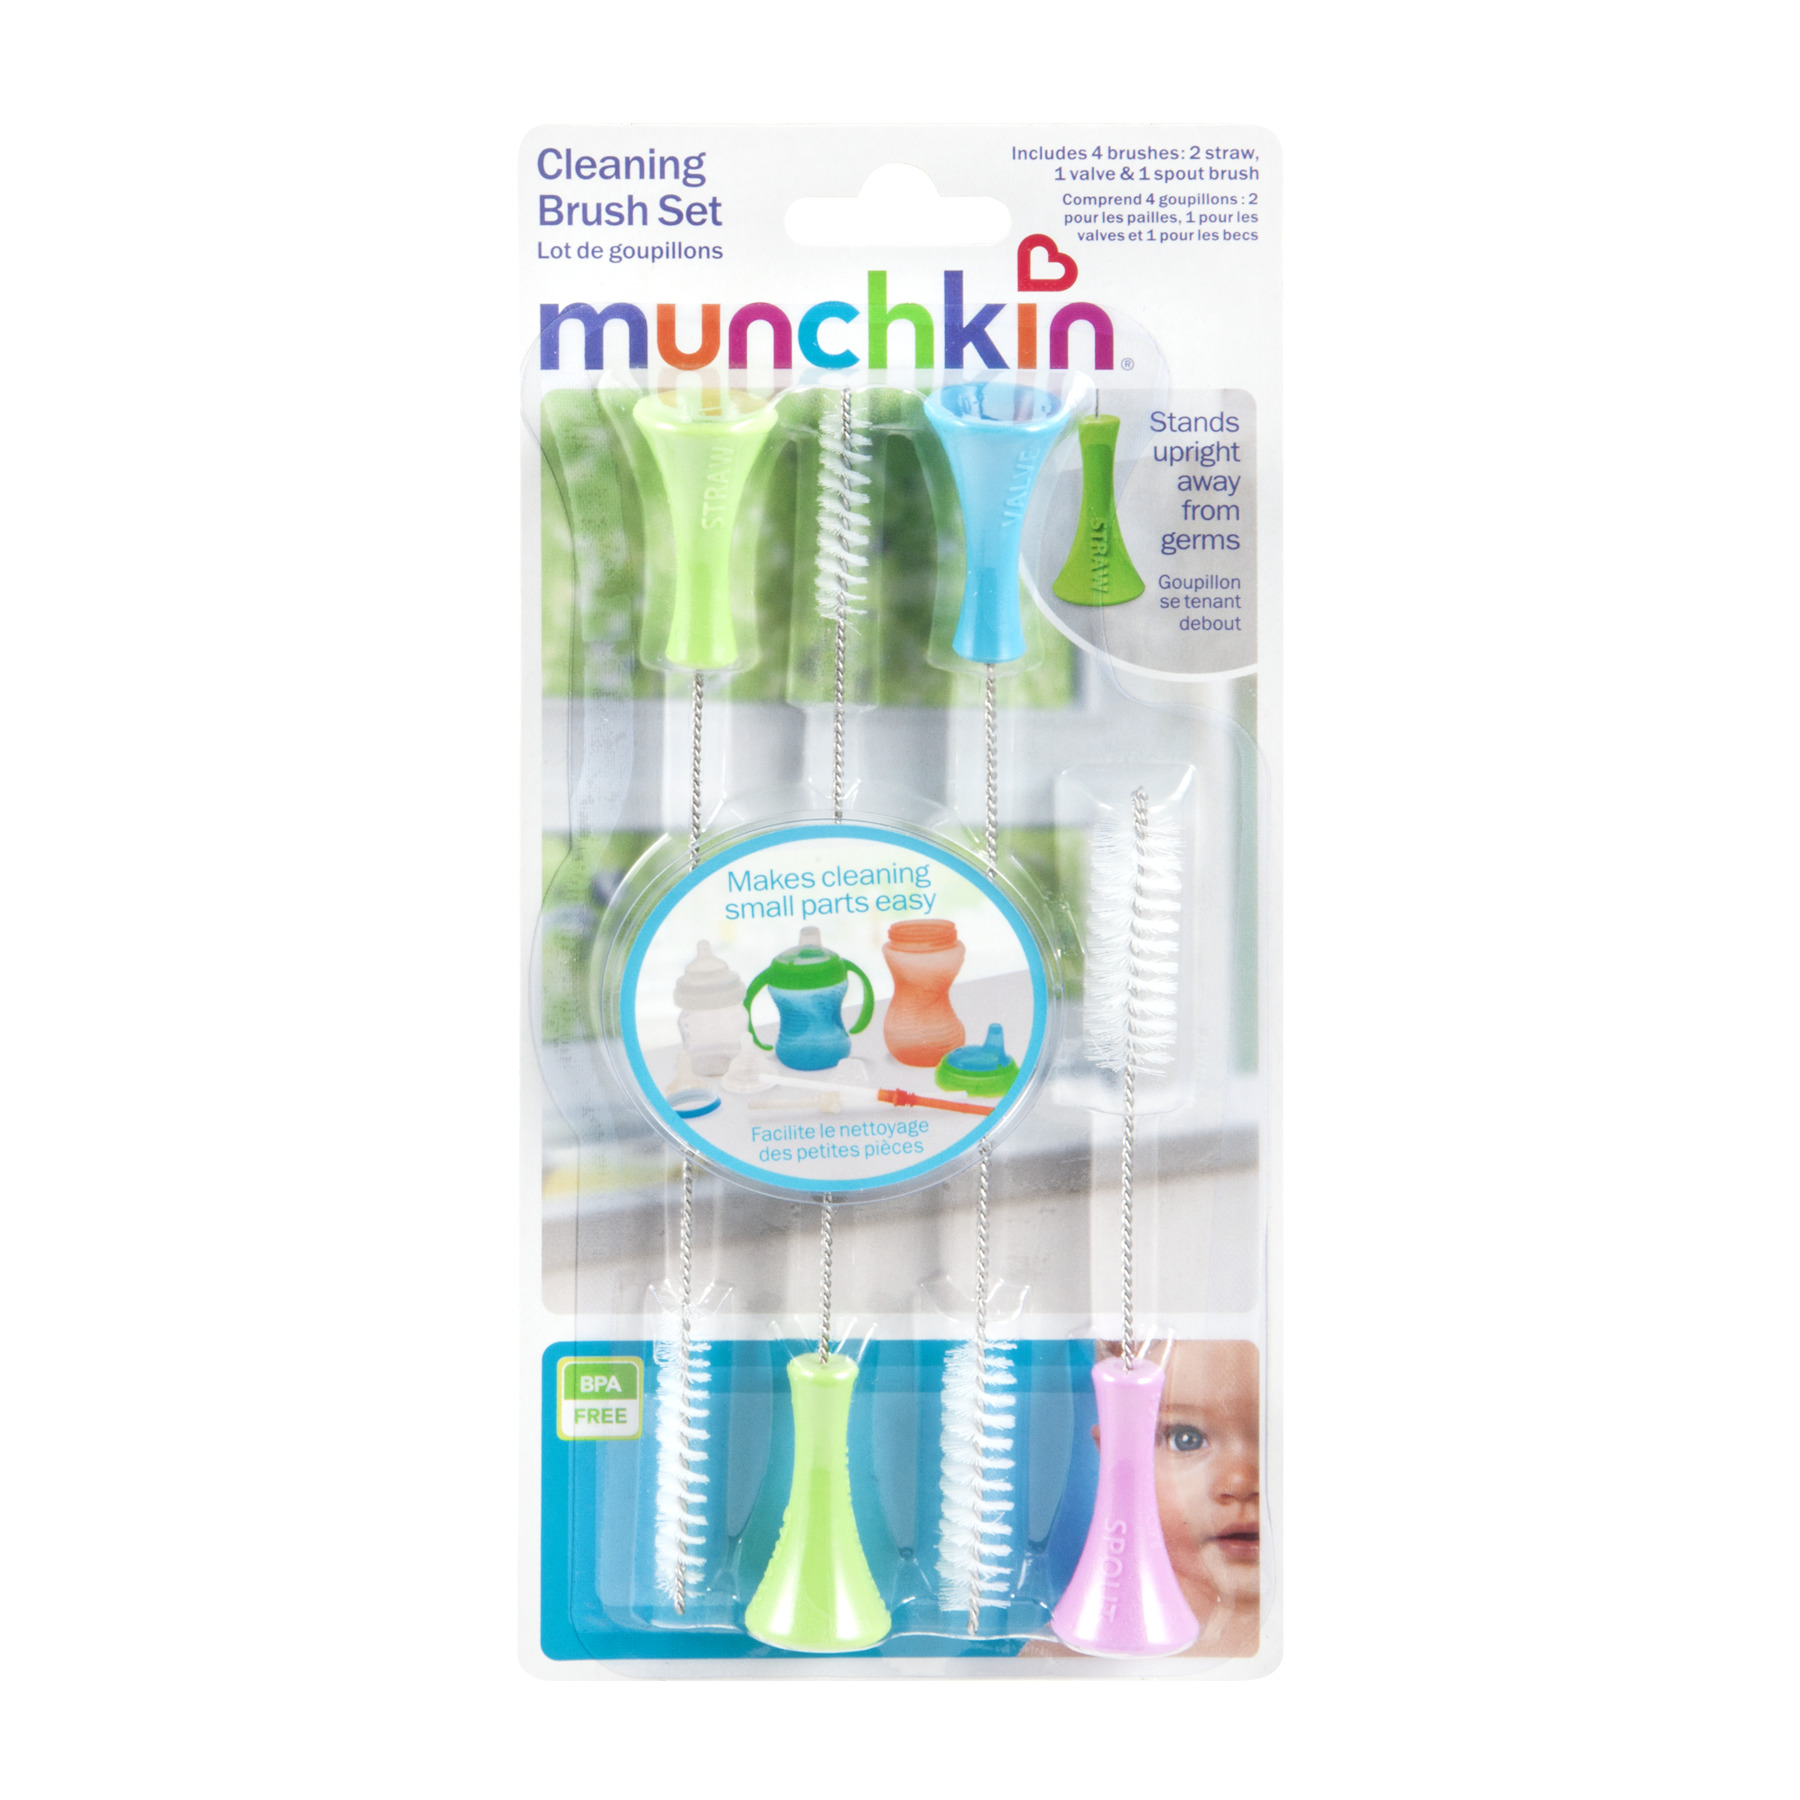 Munchkin Cleaning Brush Set, 4.0 CT